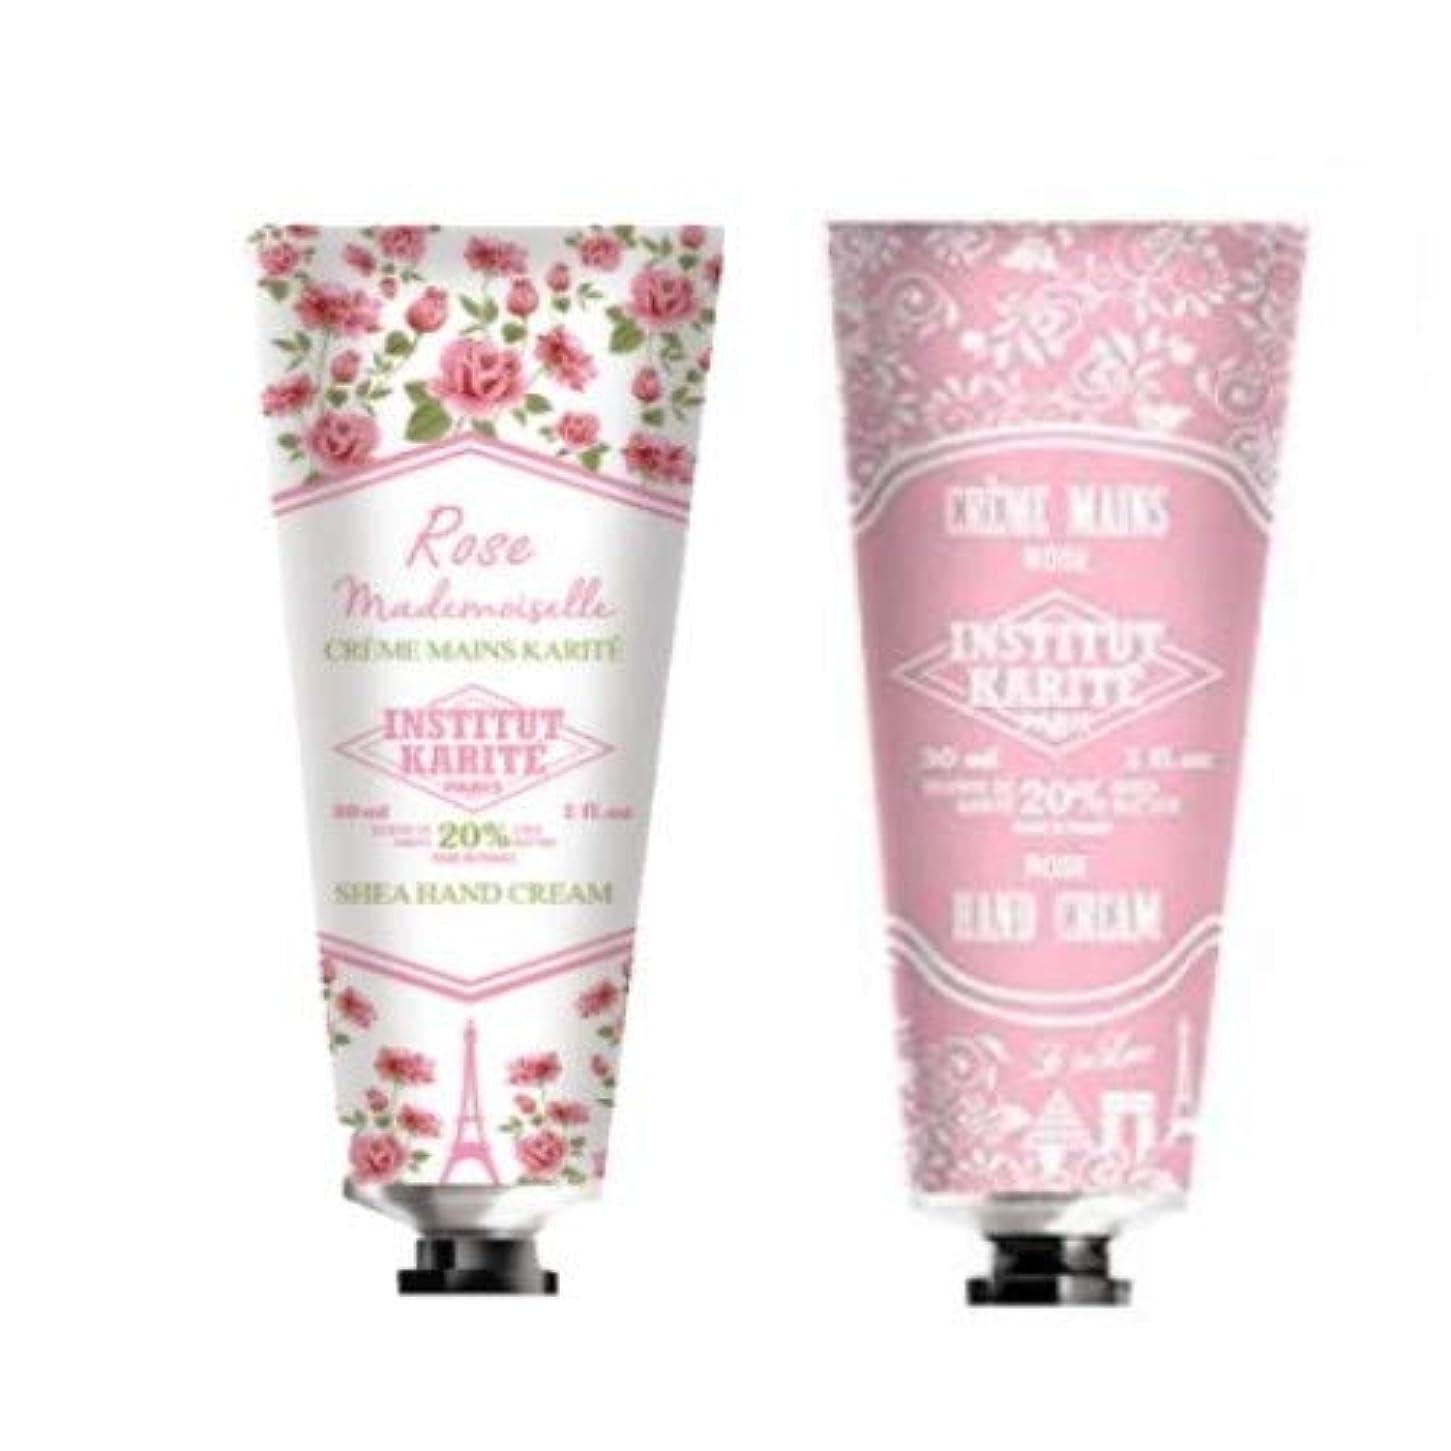 粒人差し指差し迫ったシアバター シアハンドクリーム INSTITUT KARITE カリテ Rose Mademoiselle ローズマドモアゼル ハンドクリーム 30ml&Rose ローズハンドクリーム 30ml セット